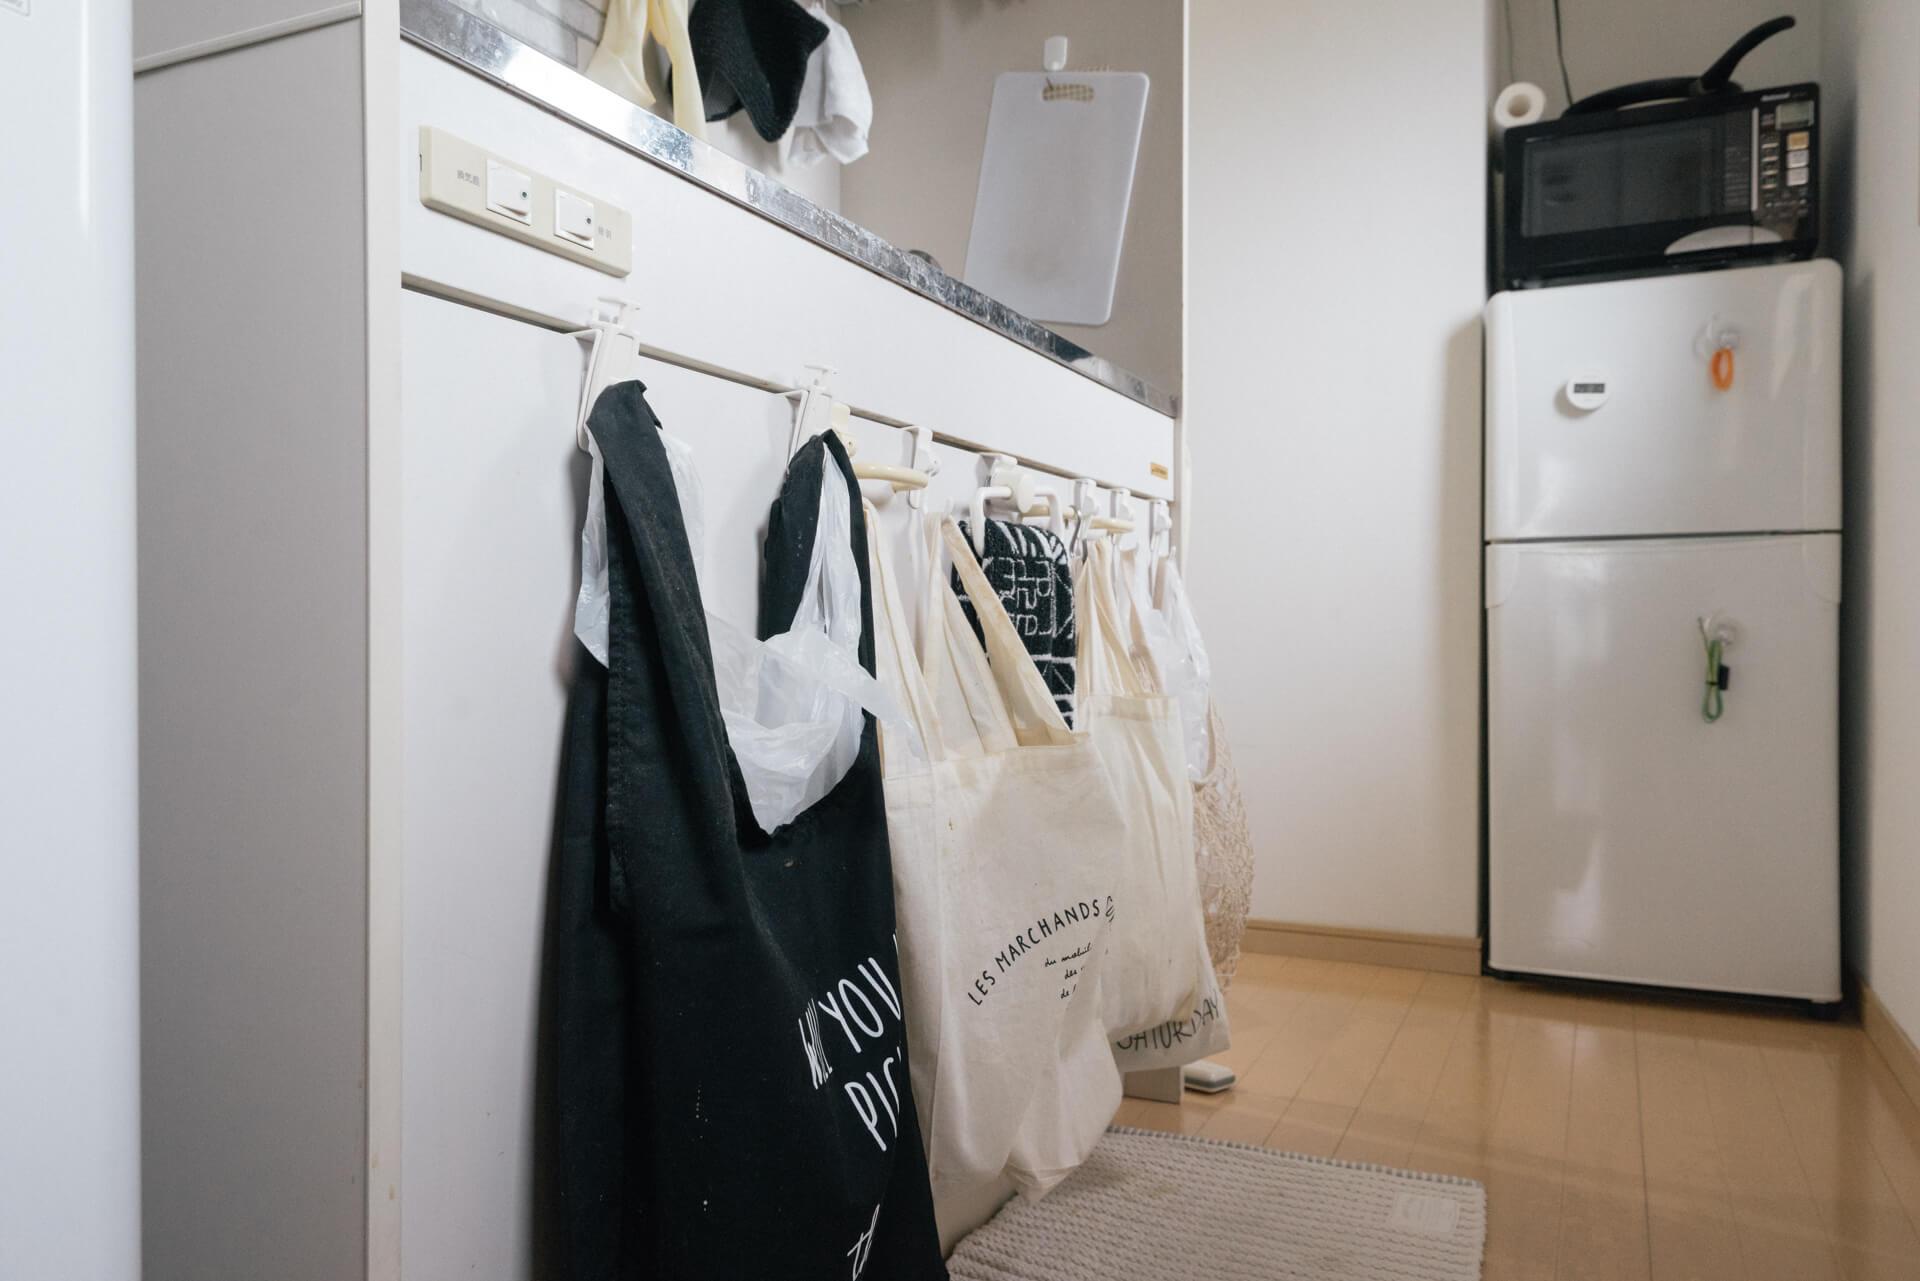 キッチンの中で、意外に場所を取るゴミ箱。Hill さんのお部屋では布の袋を戸棚に引っ掛けて、その中にビニール袋を入れることで分類。(このお部屋はこちら)